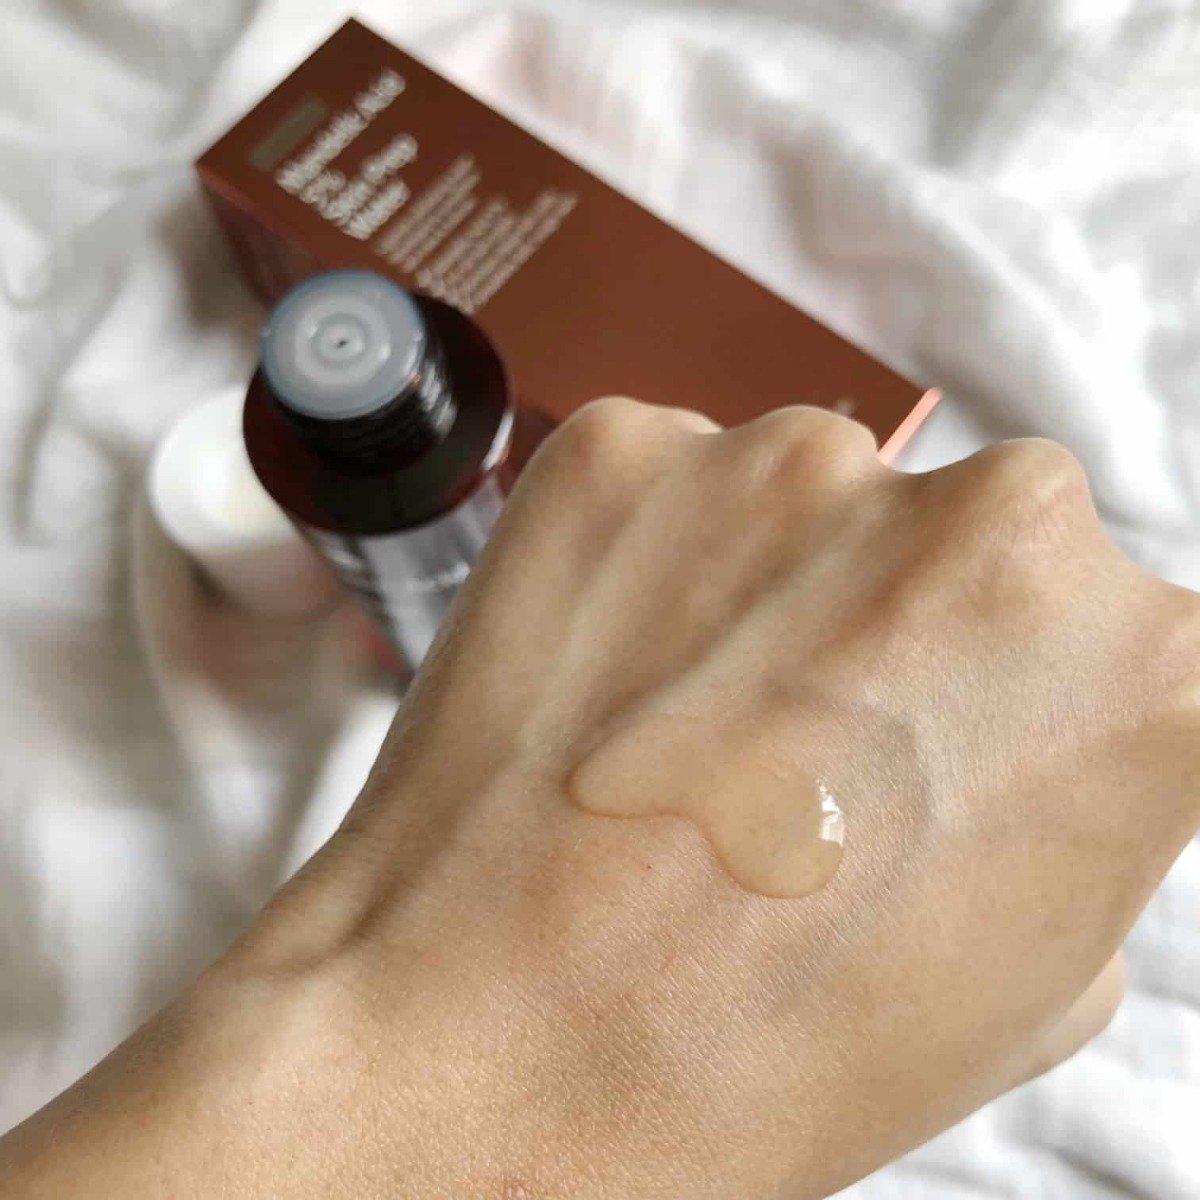 By Wishtrend Mandelic Acid 5% Skin Prep Water có kết cấu dạng lỏng, thấm nhanh trên da (Nguồn: Internet)